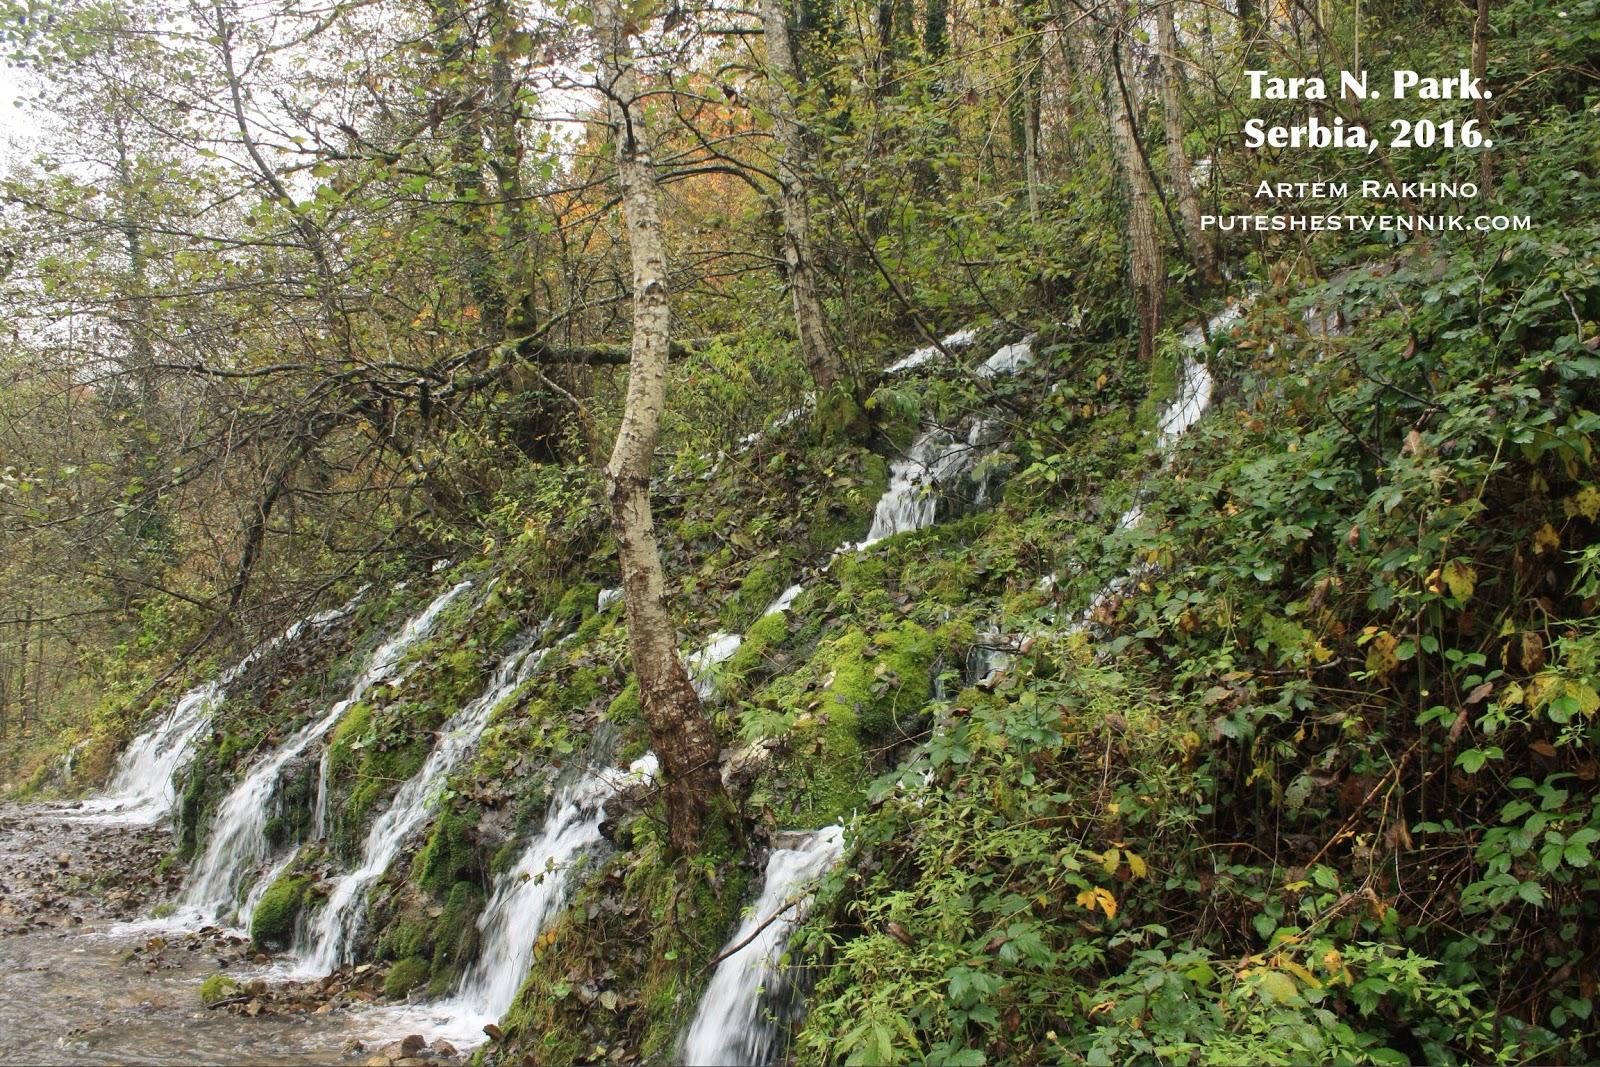 Водопад в национальном парке Тара